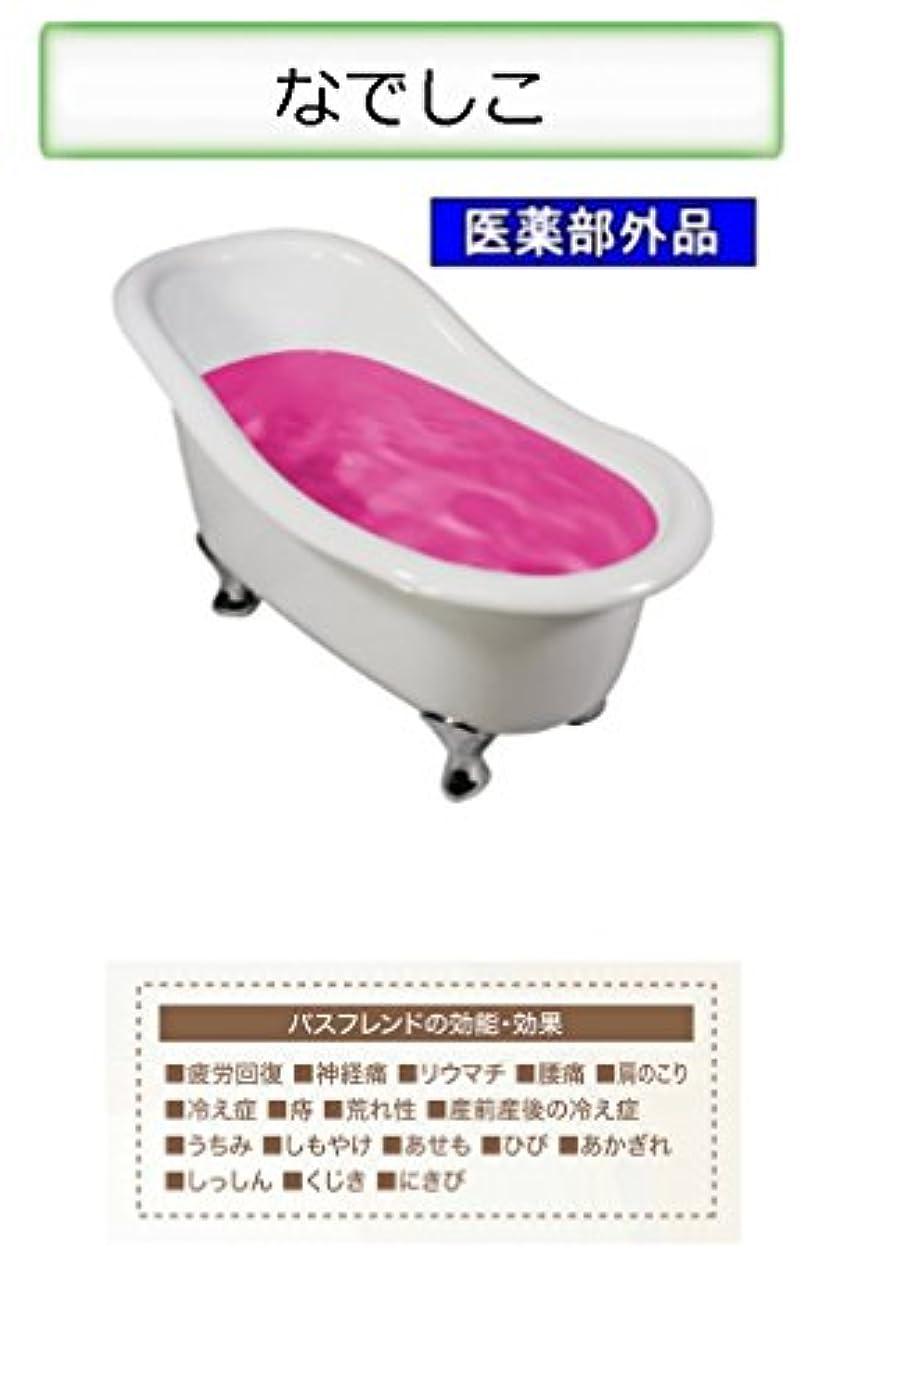 大列挙する哲学者薬用入浴剤 バスフレンド/伊吹正 (なでしこ, 17kg)